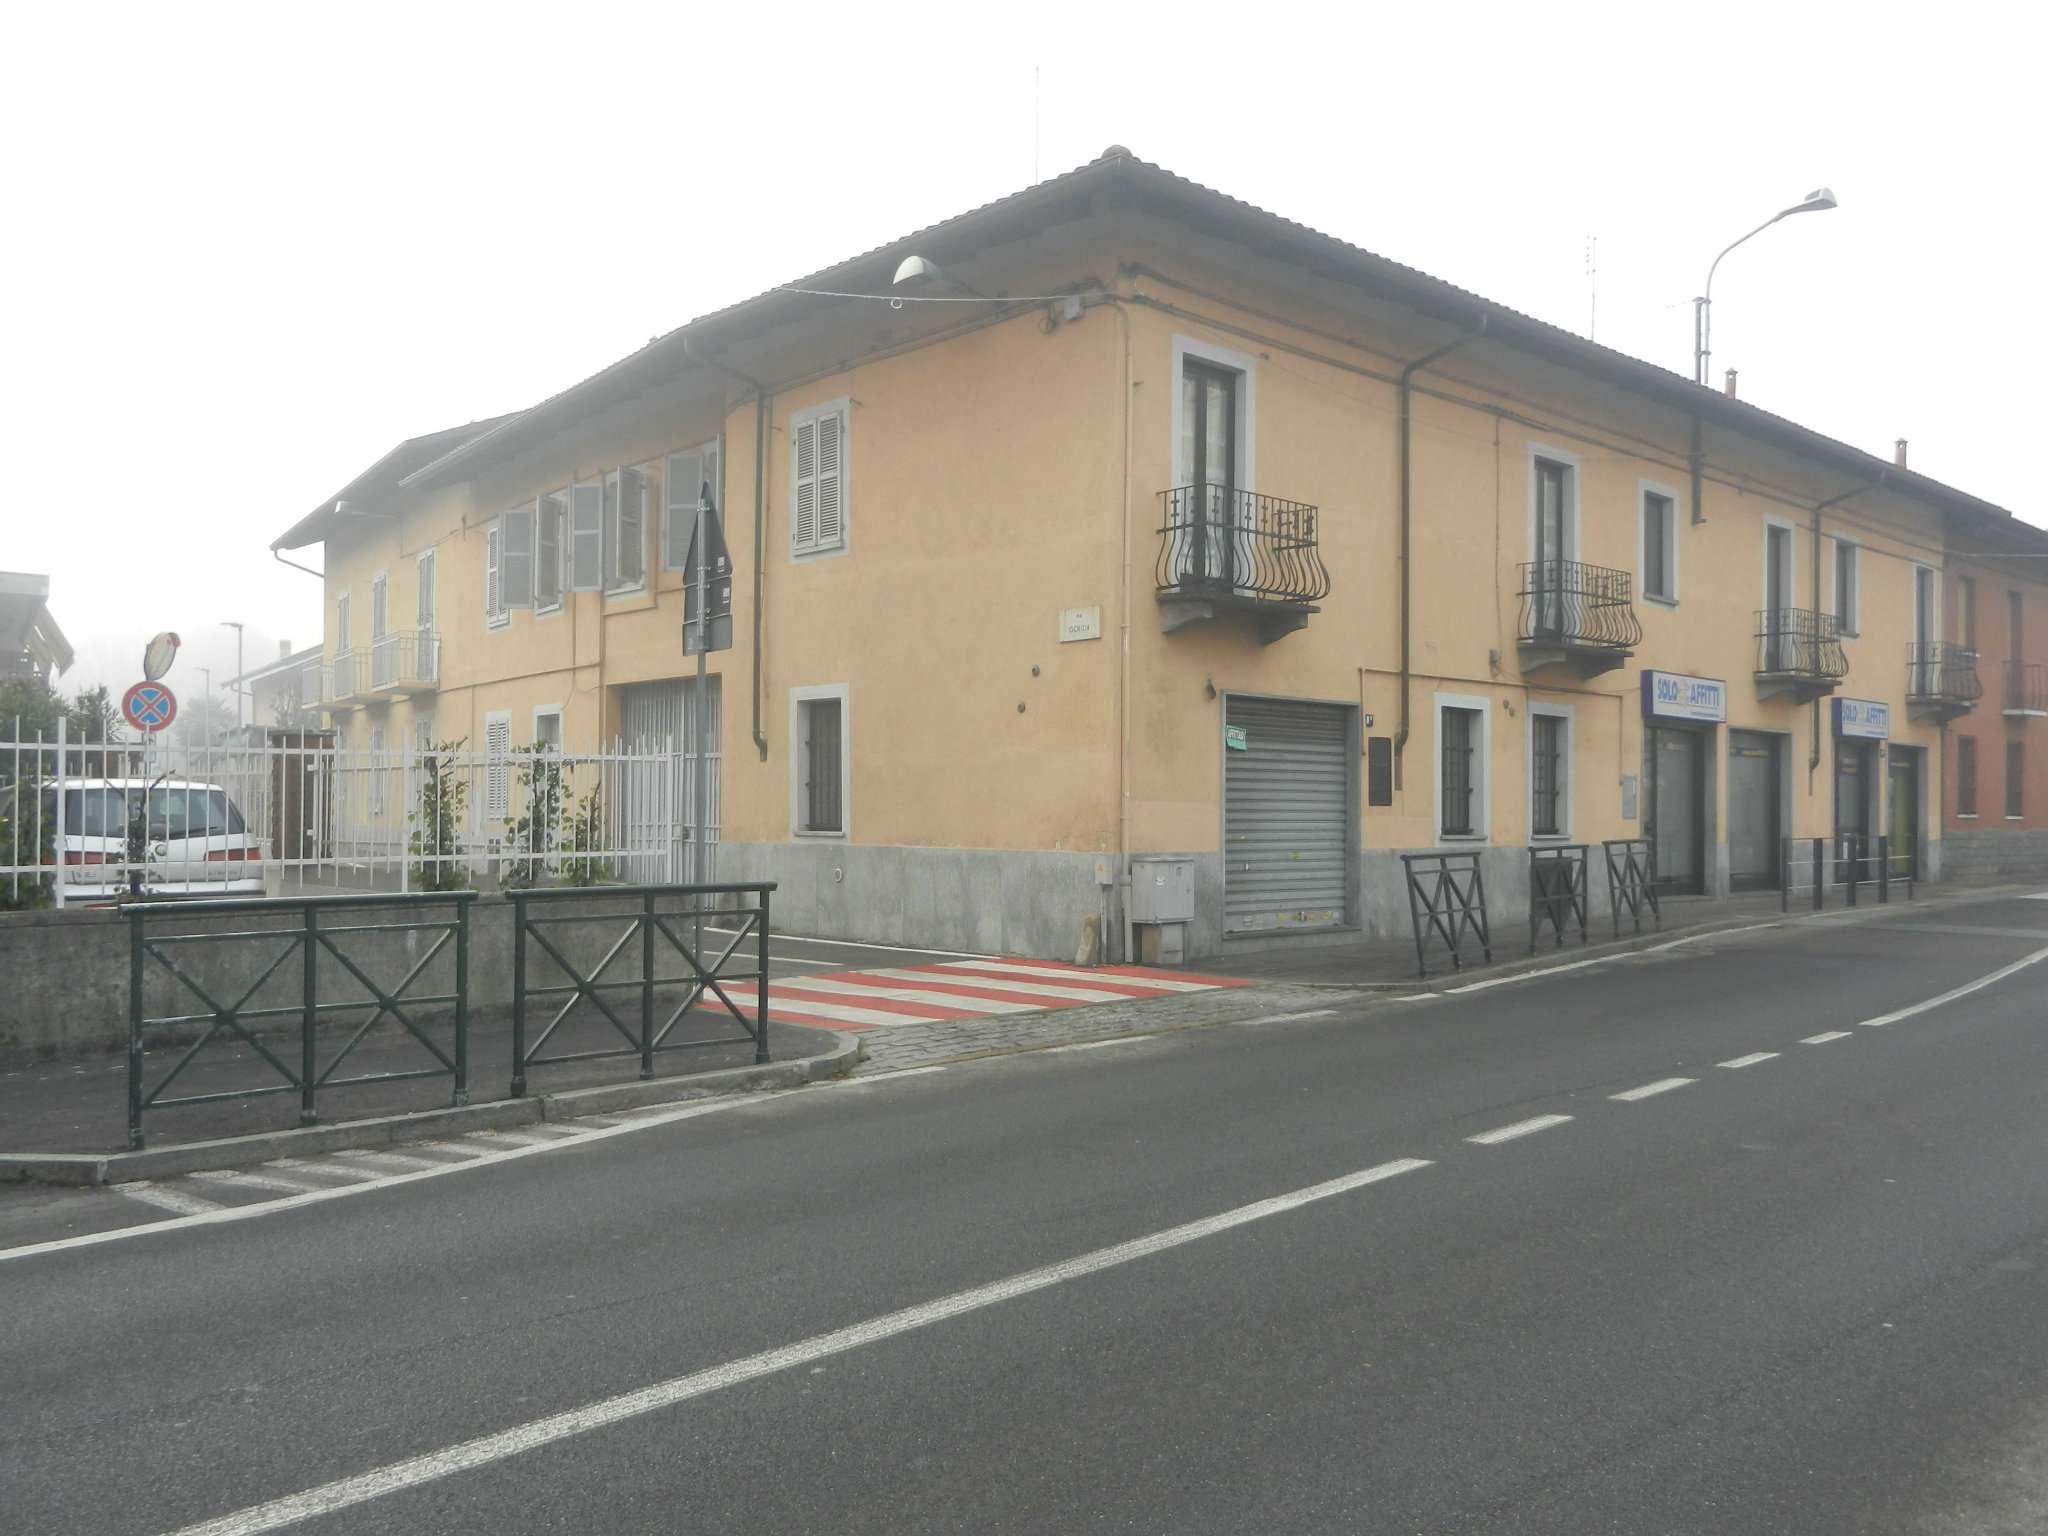 Palazzo / Stabile in vendita a Venaria Reale, 23 locali, prezzo € 950.000 | CambioCasa.it